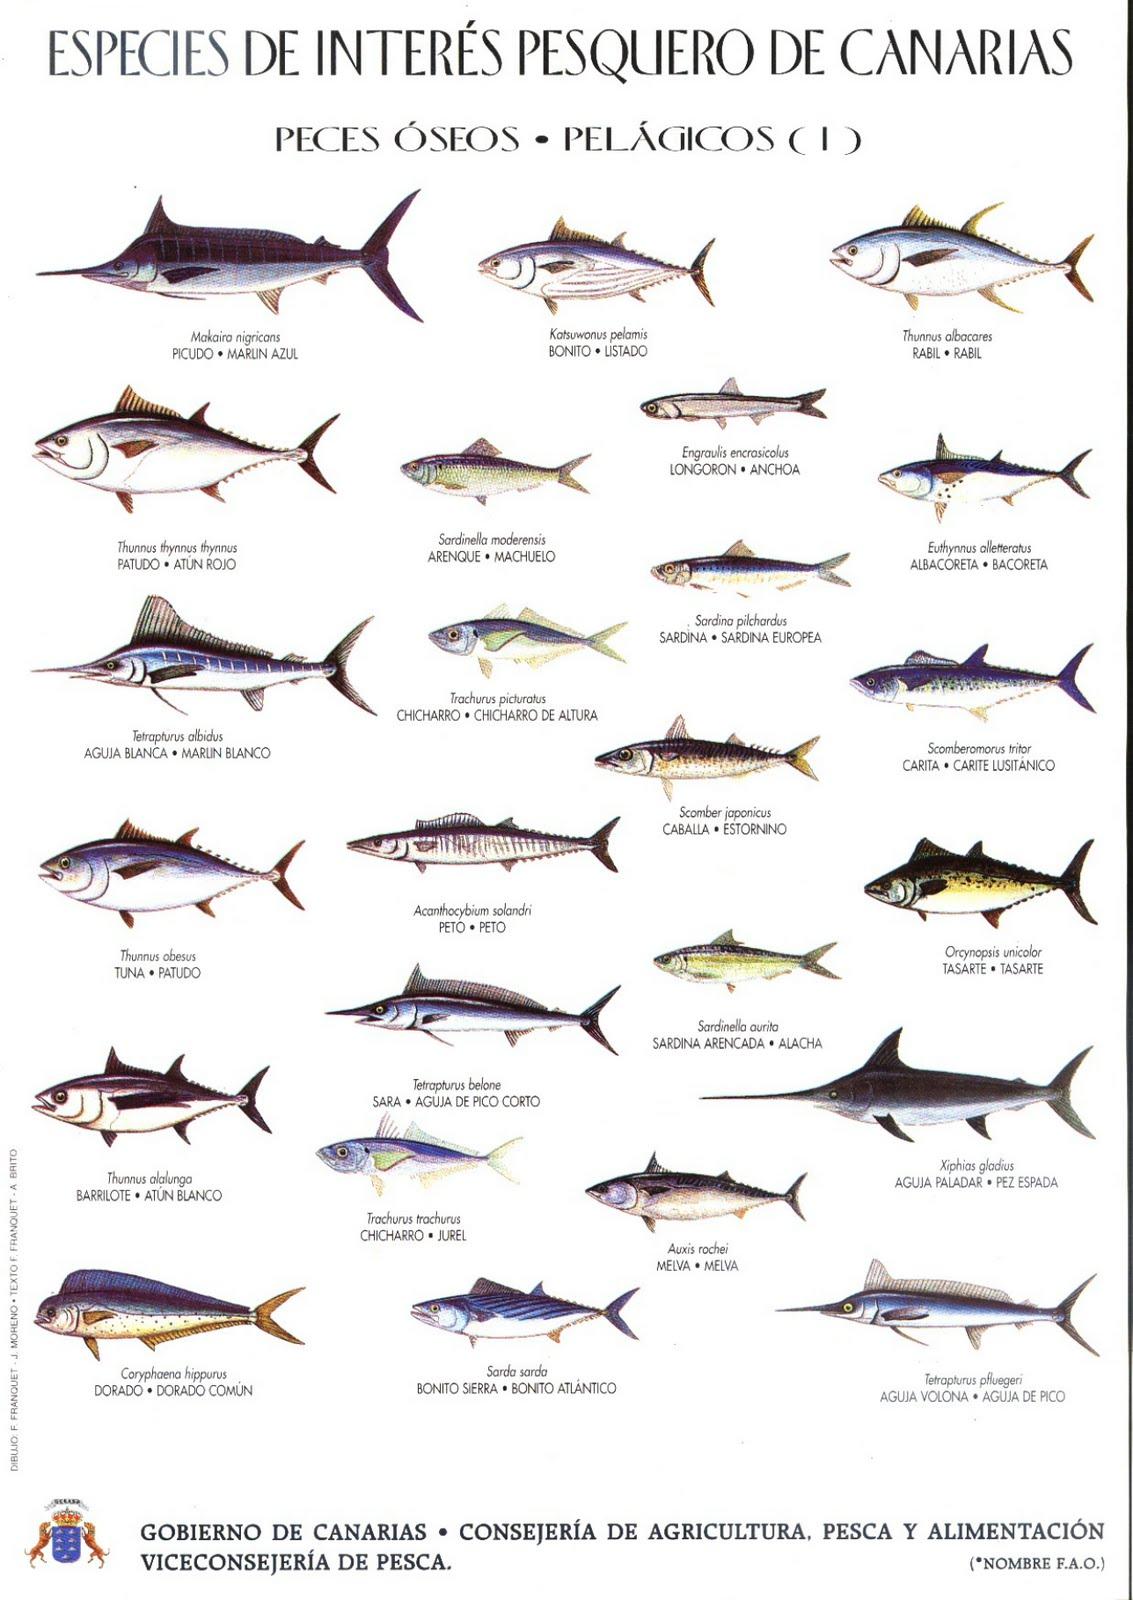 Peces de inter s pesquero en las islas canarias por www for List of fish to eat